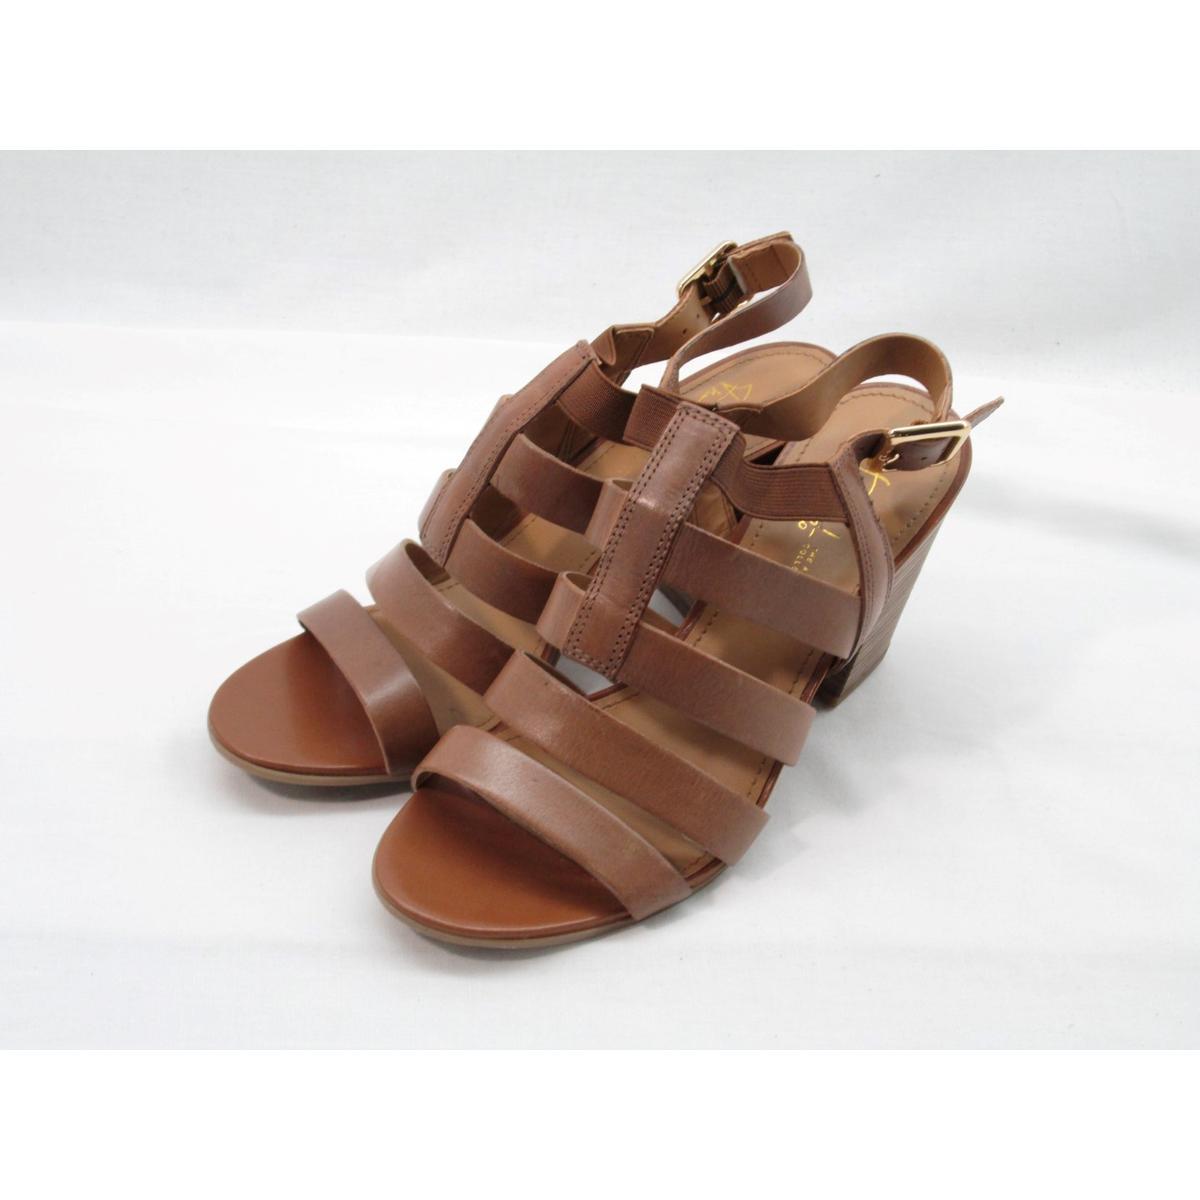 587f5e1ca15 Details about Franco Sarto Montage Women s Tan Platform Sandal 10M